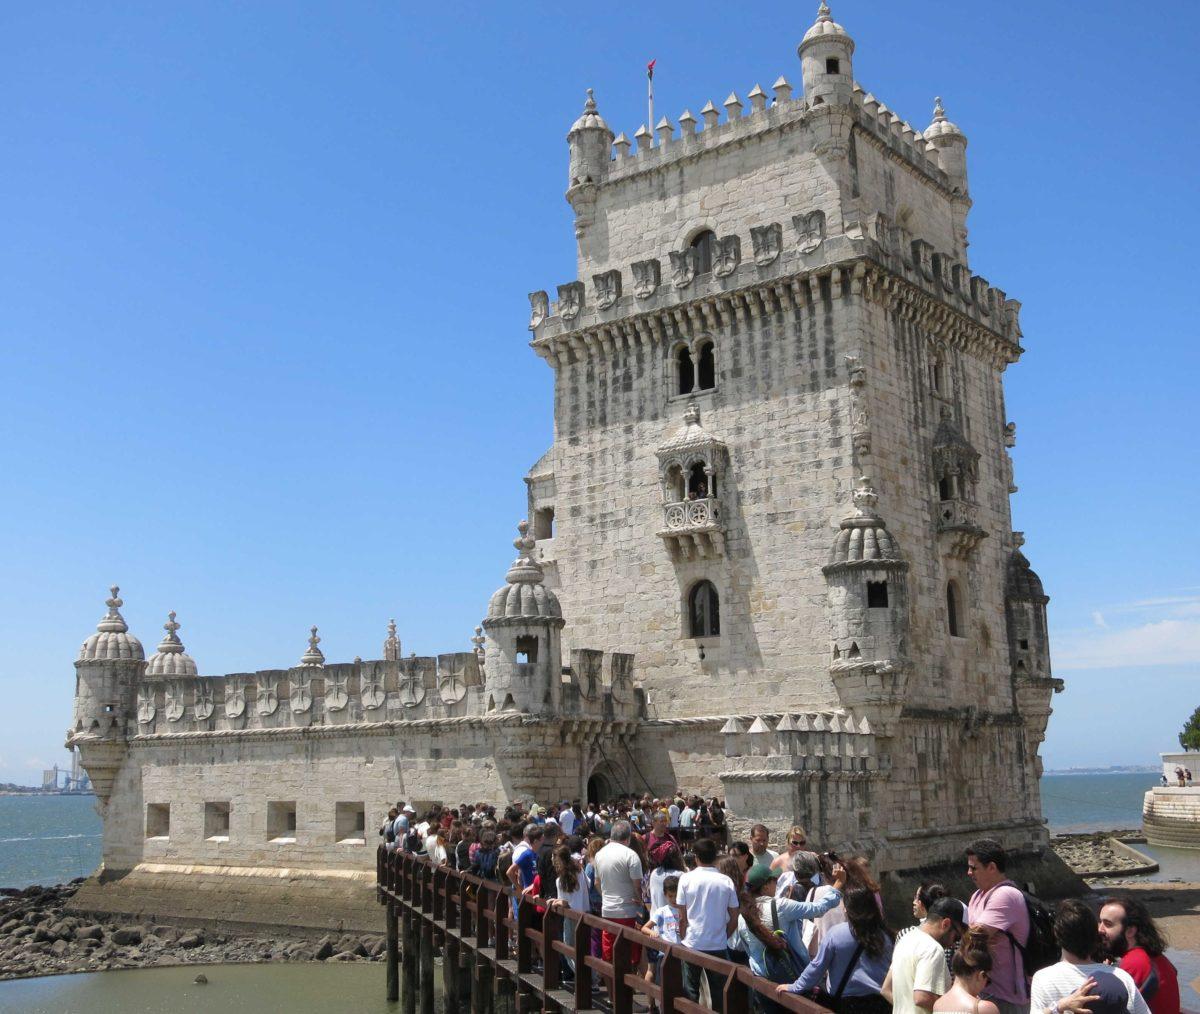 Kegeln_Bild5_Torre de Belém